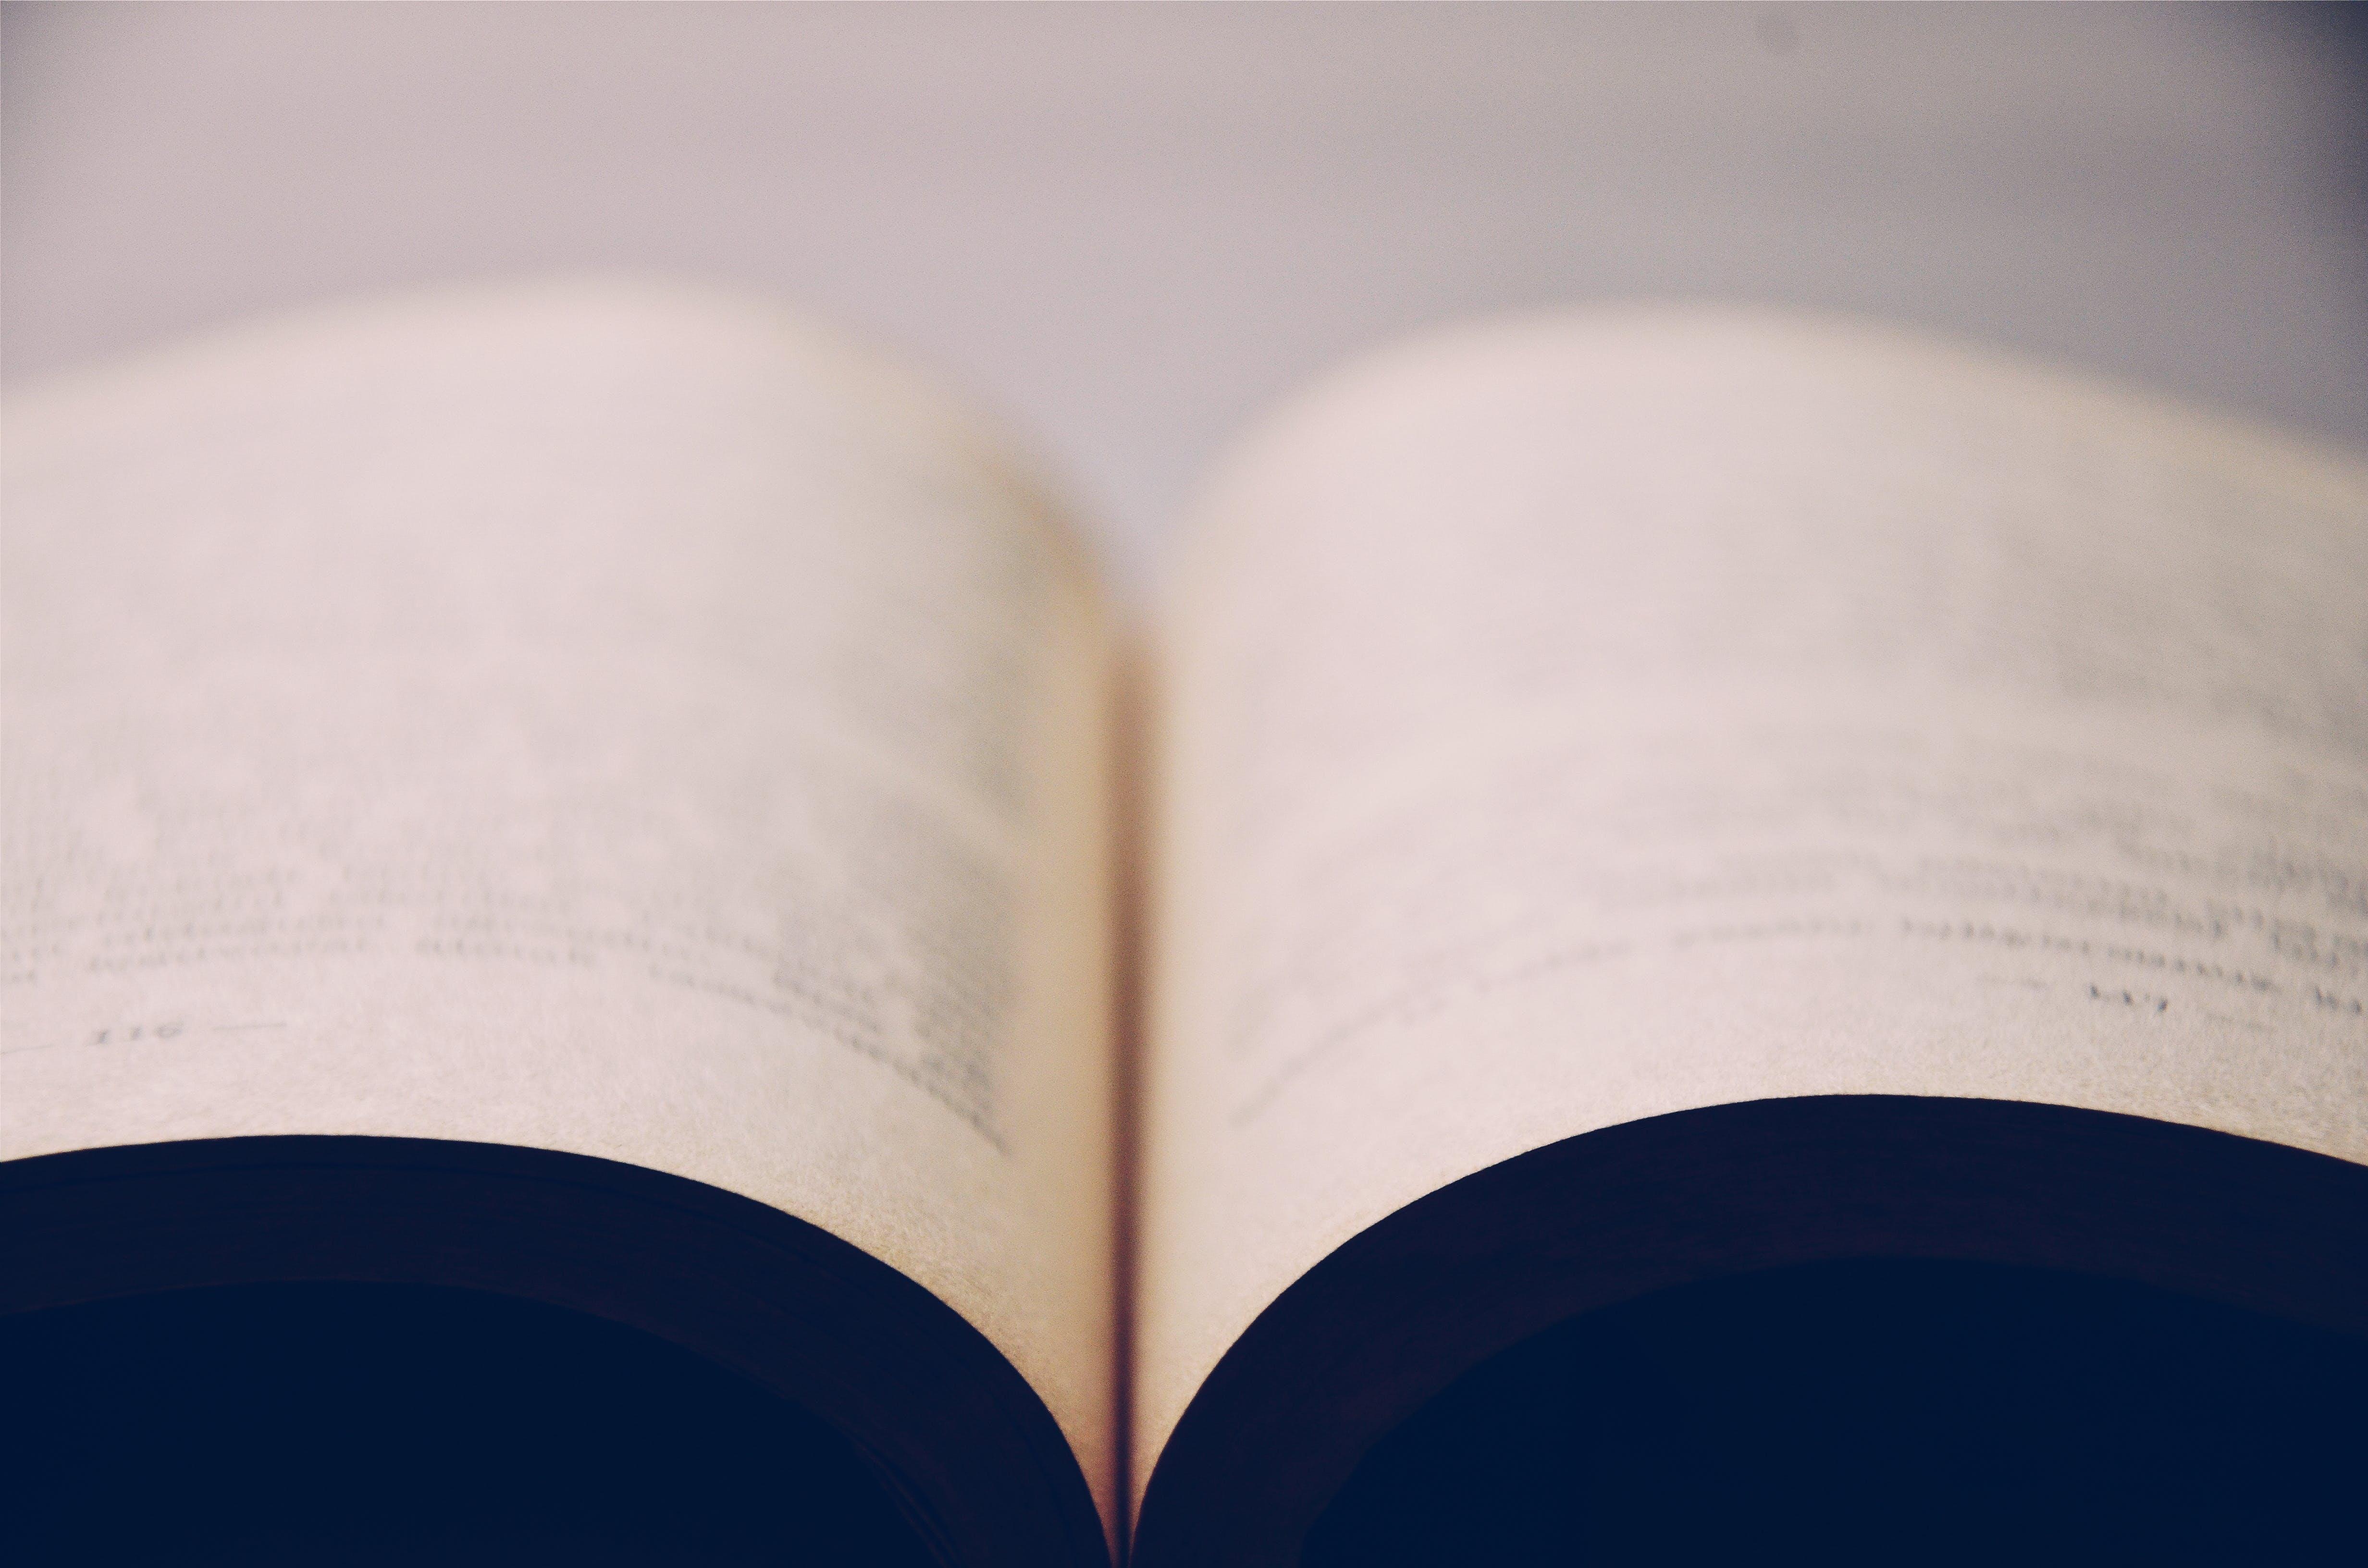 Δωρεάν στοκ φωτογραφιών με ανοιχτό βιβλίο, βιβλίο, γκρο πλαν, εστιάζω